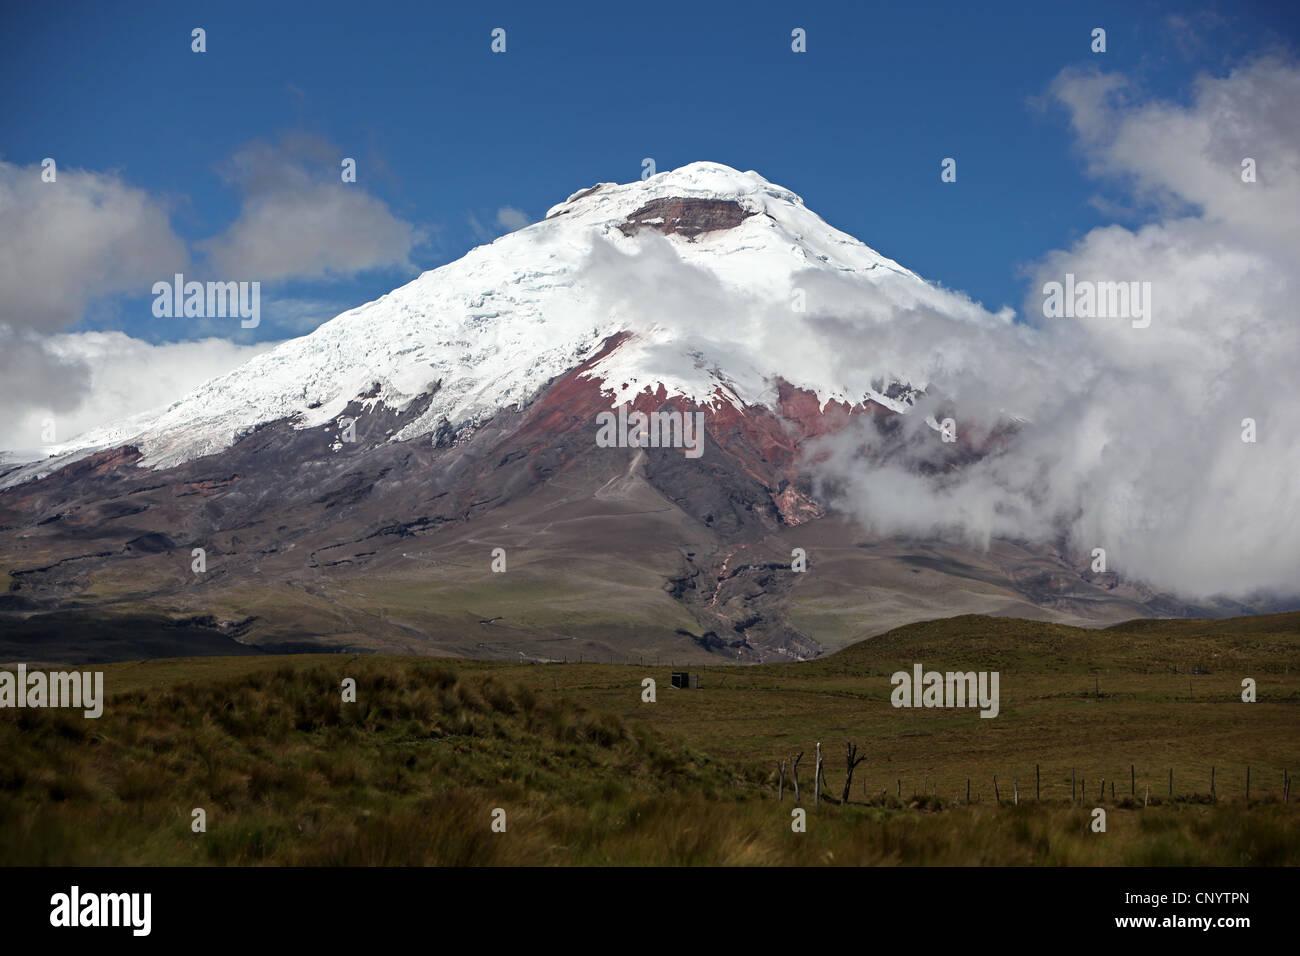 Cotopaxi volcano, Ecuador, Cotopaxi National Park - Stock Image